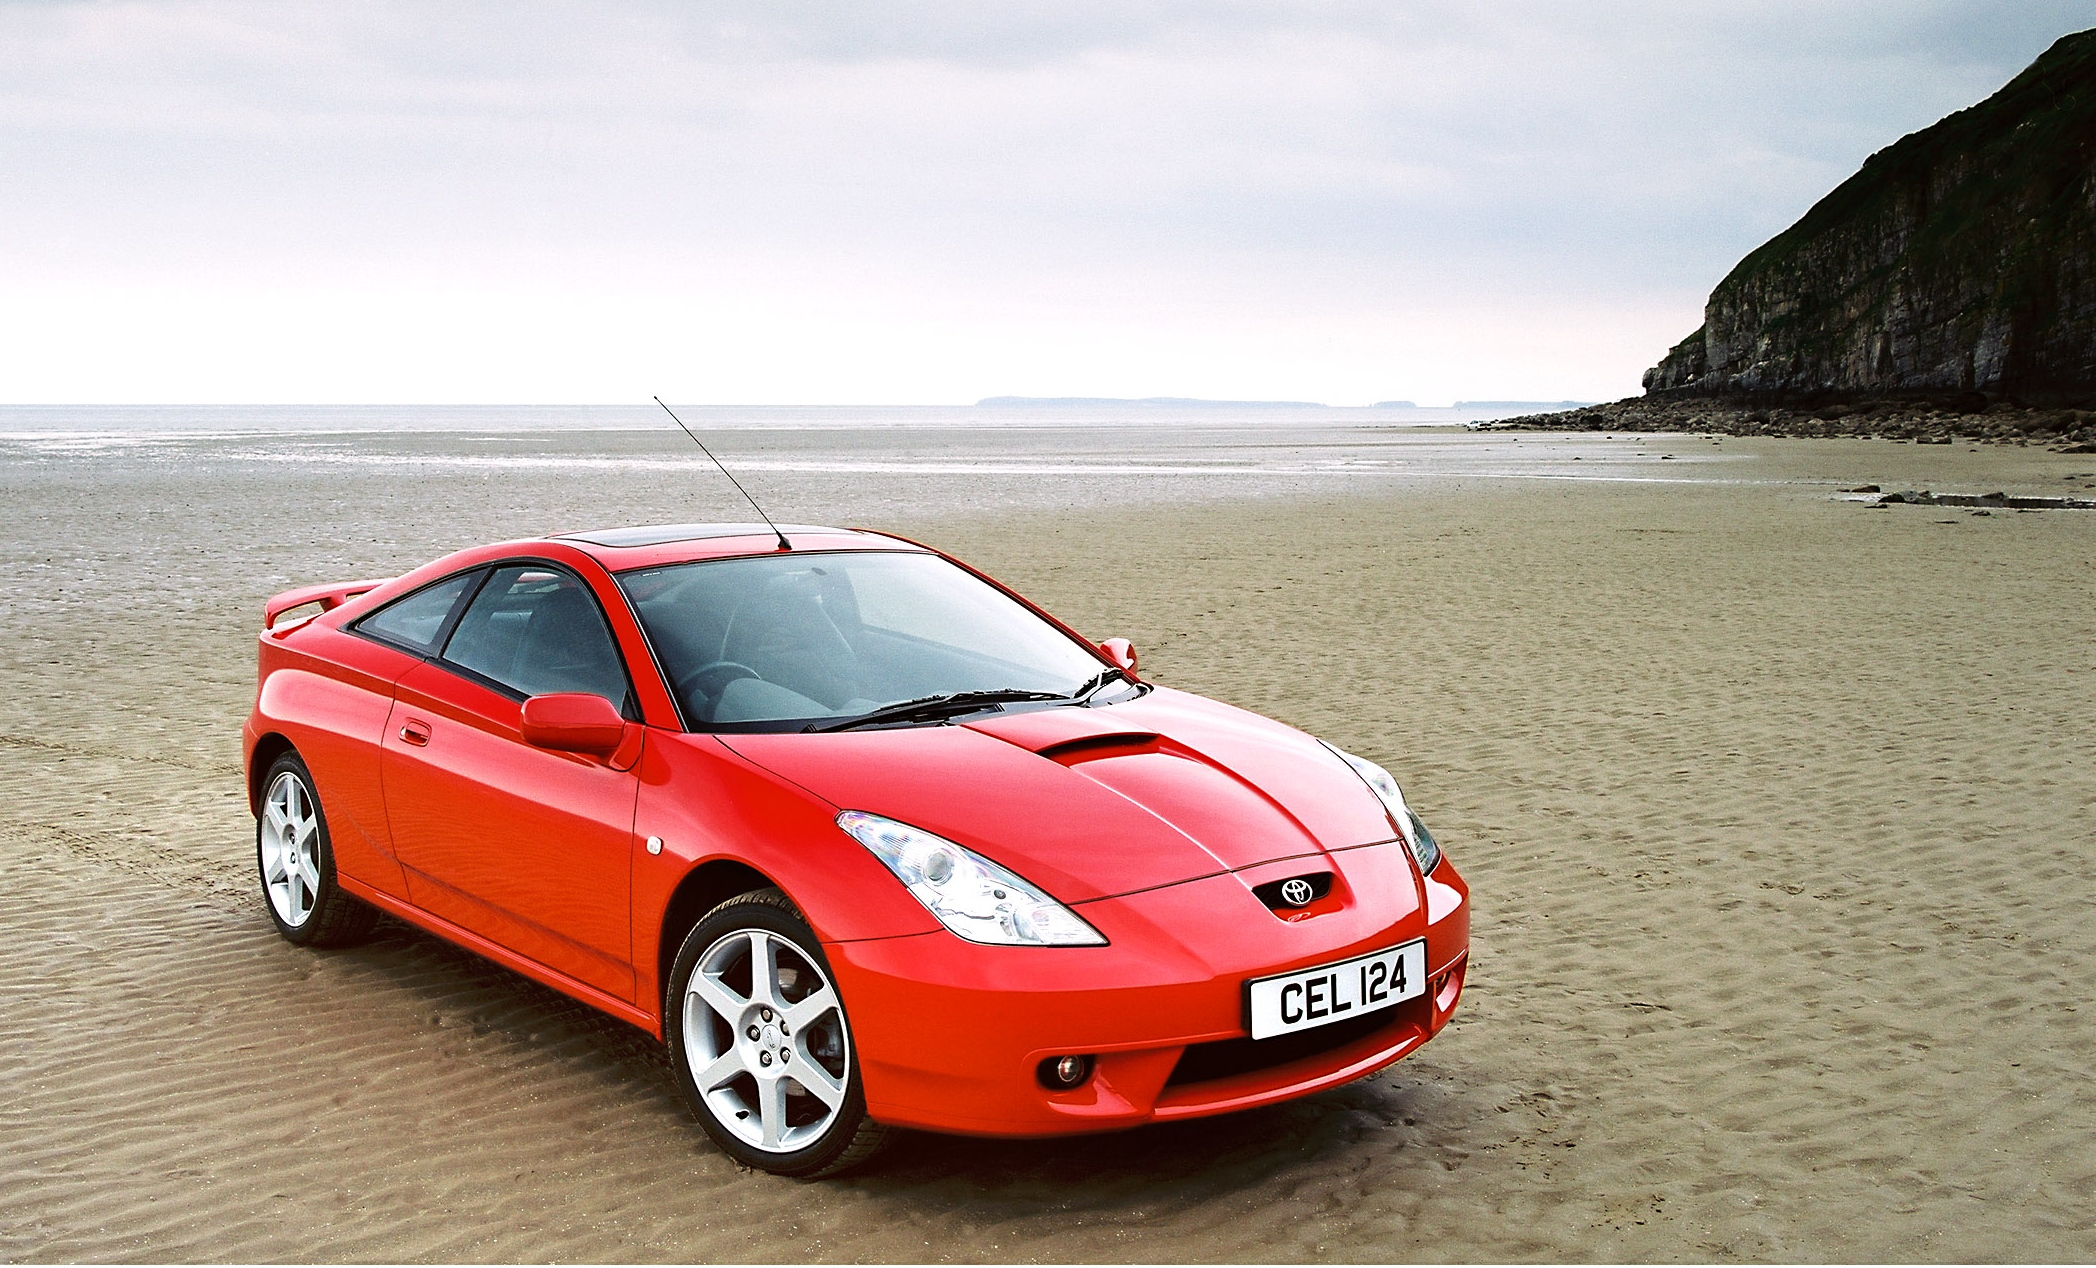 Syvende og siste generasjon Toyota Celica ble produsert mellom 1999 og 2006